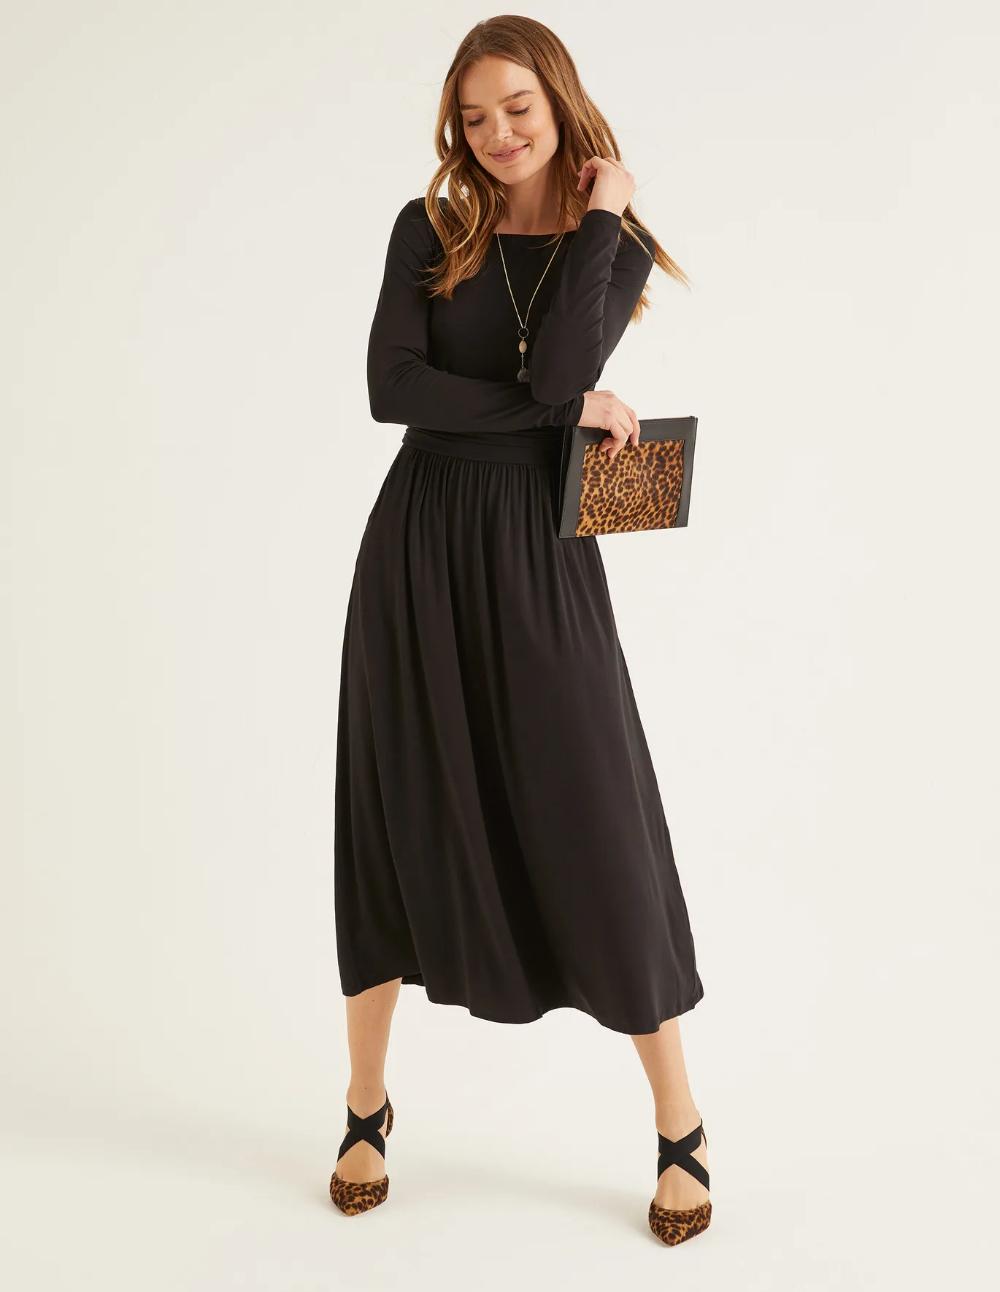 Lucille Jersey Midi Dress Black Black Midi Dress Midi Dress Dresses [ 1292 x 1000 Pixel ]